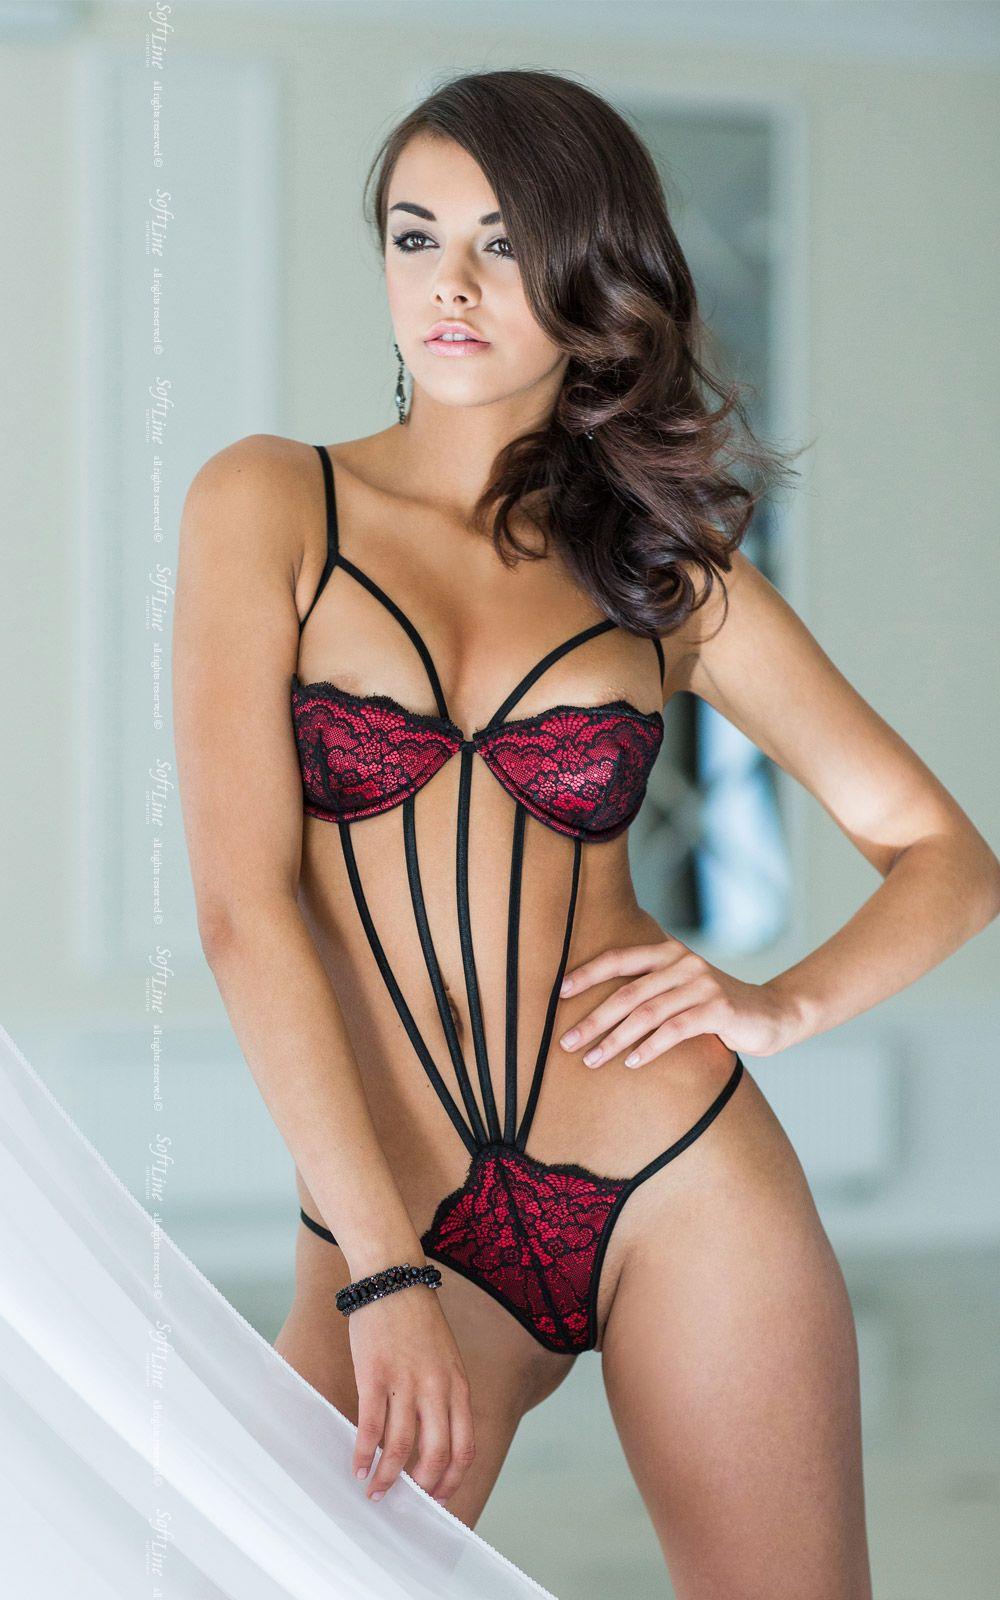 Hot Anita Sikorska nude photos 2019